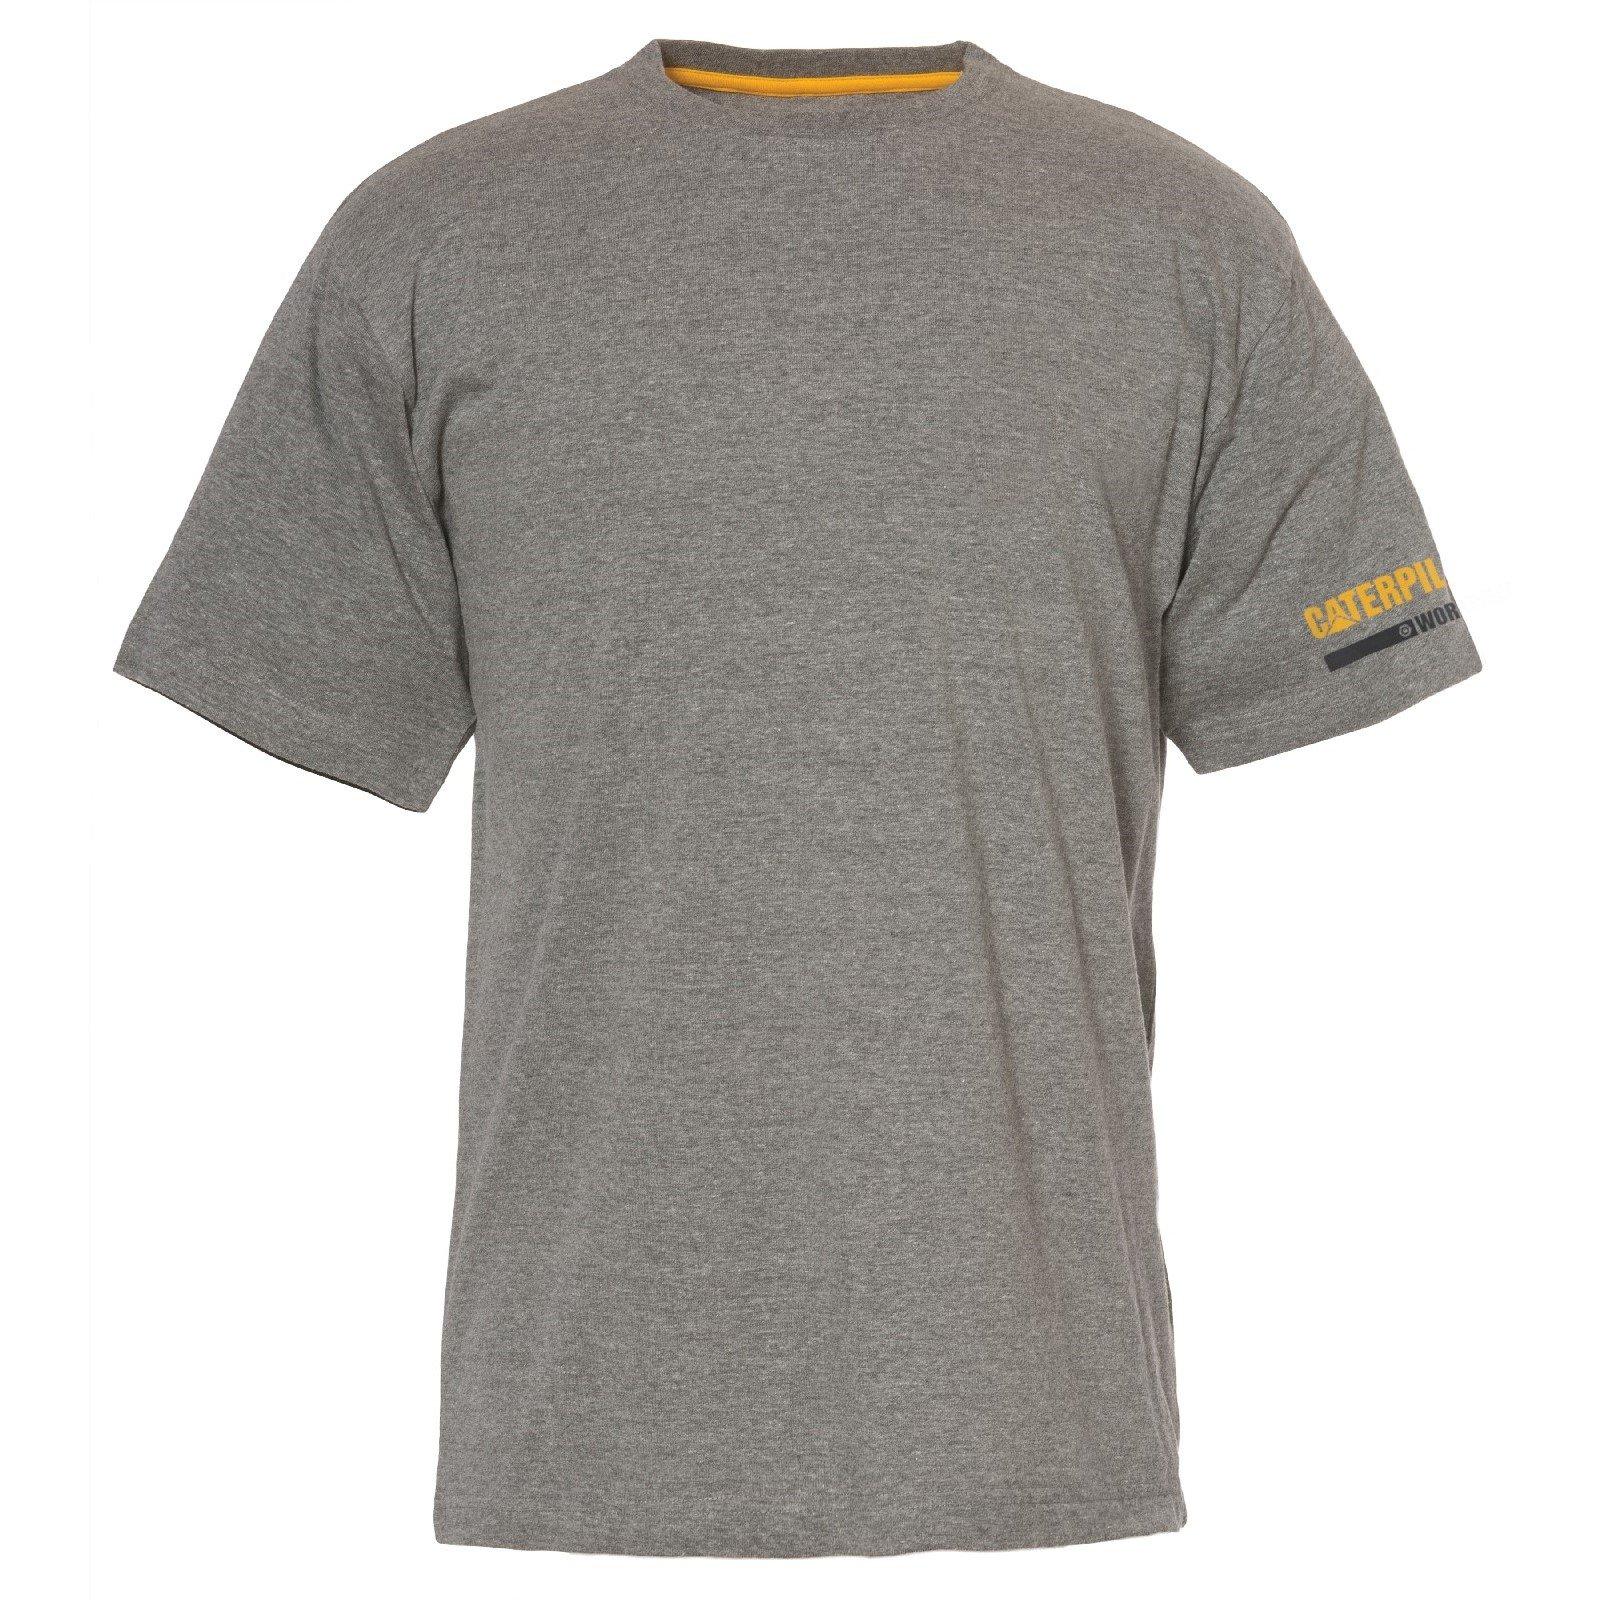 Caterpillar Men's Essentials SS T-Shirt Various Colours 28885-48760 - Dark Grey X